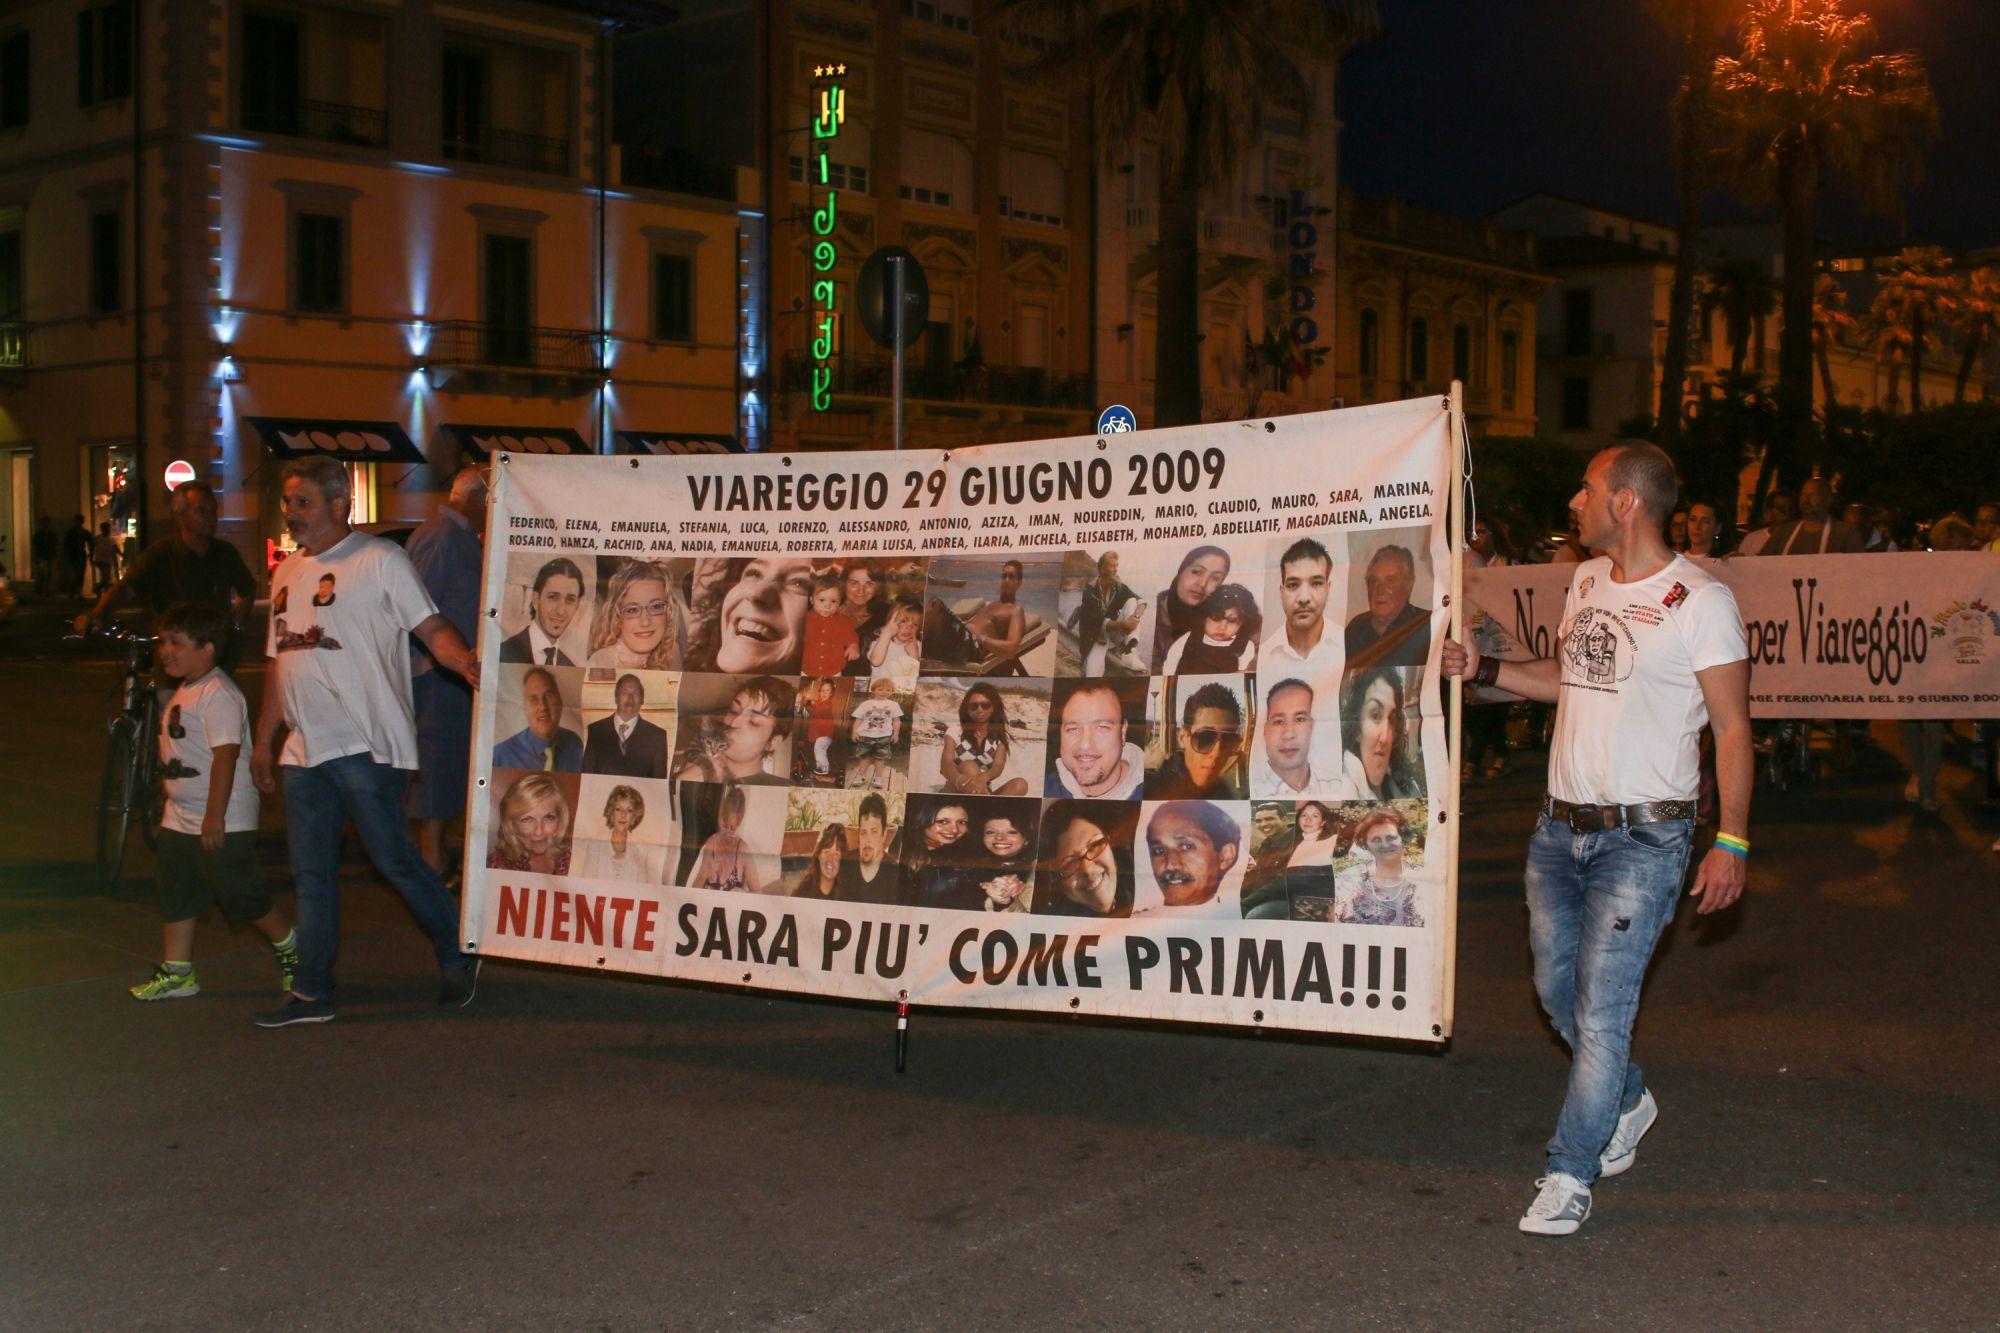 Strage Viareggio, tutti contro la sentenza della Corte di Cassazione